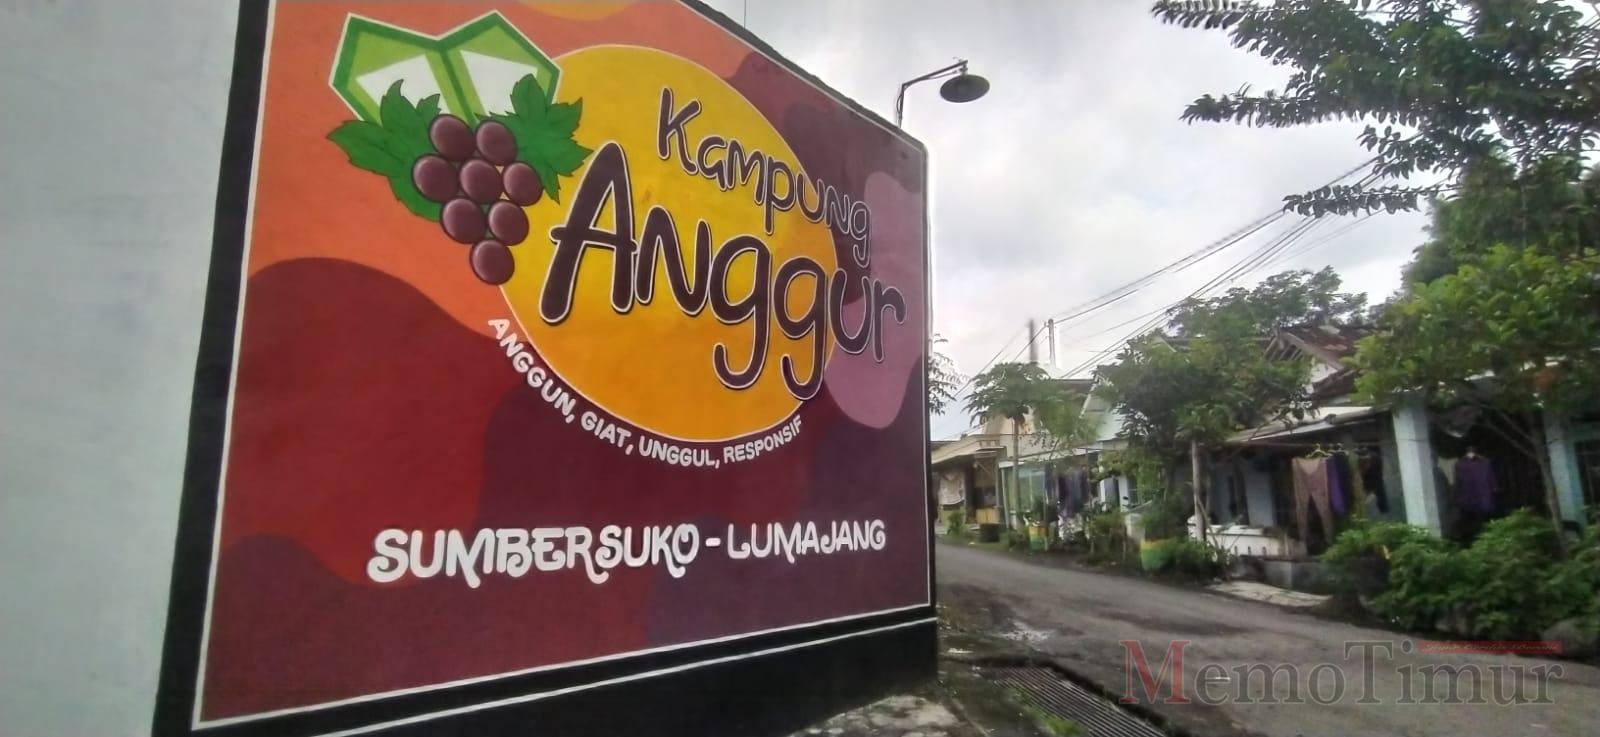 Agar Lebih Anggun, Kecamatan Sumbersuko Gelar Lomba Mural di Kampung Anggur